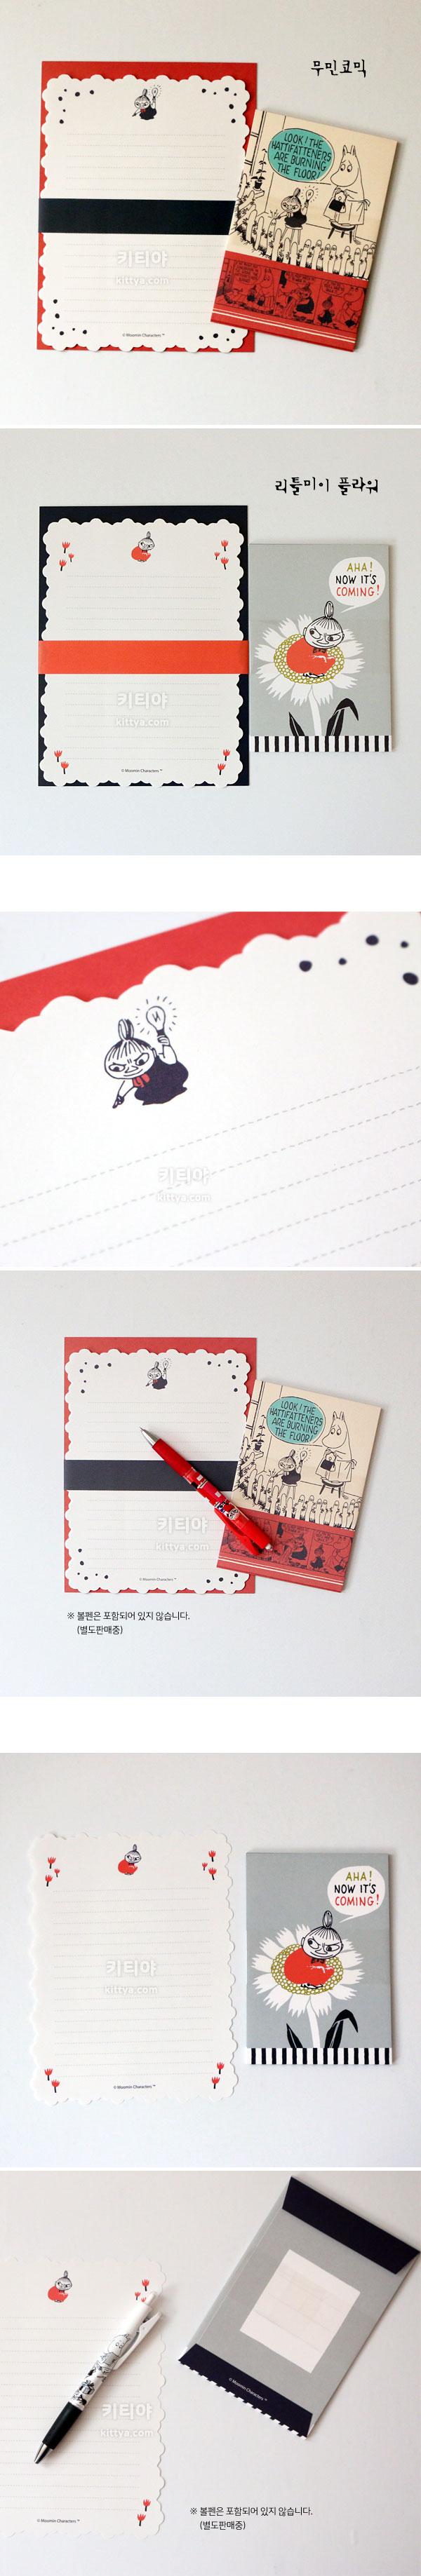 무민 편지지 세트 - 키티야, 10,400원, 편지지, 캐릭터 편지지